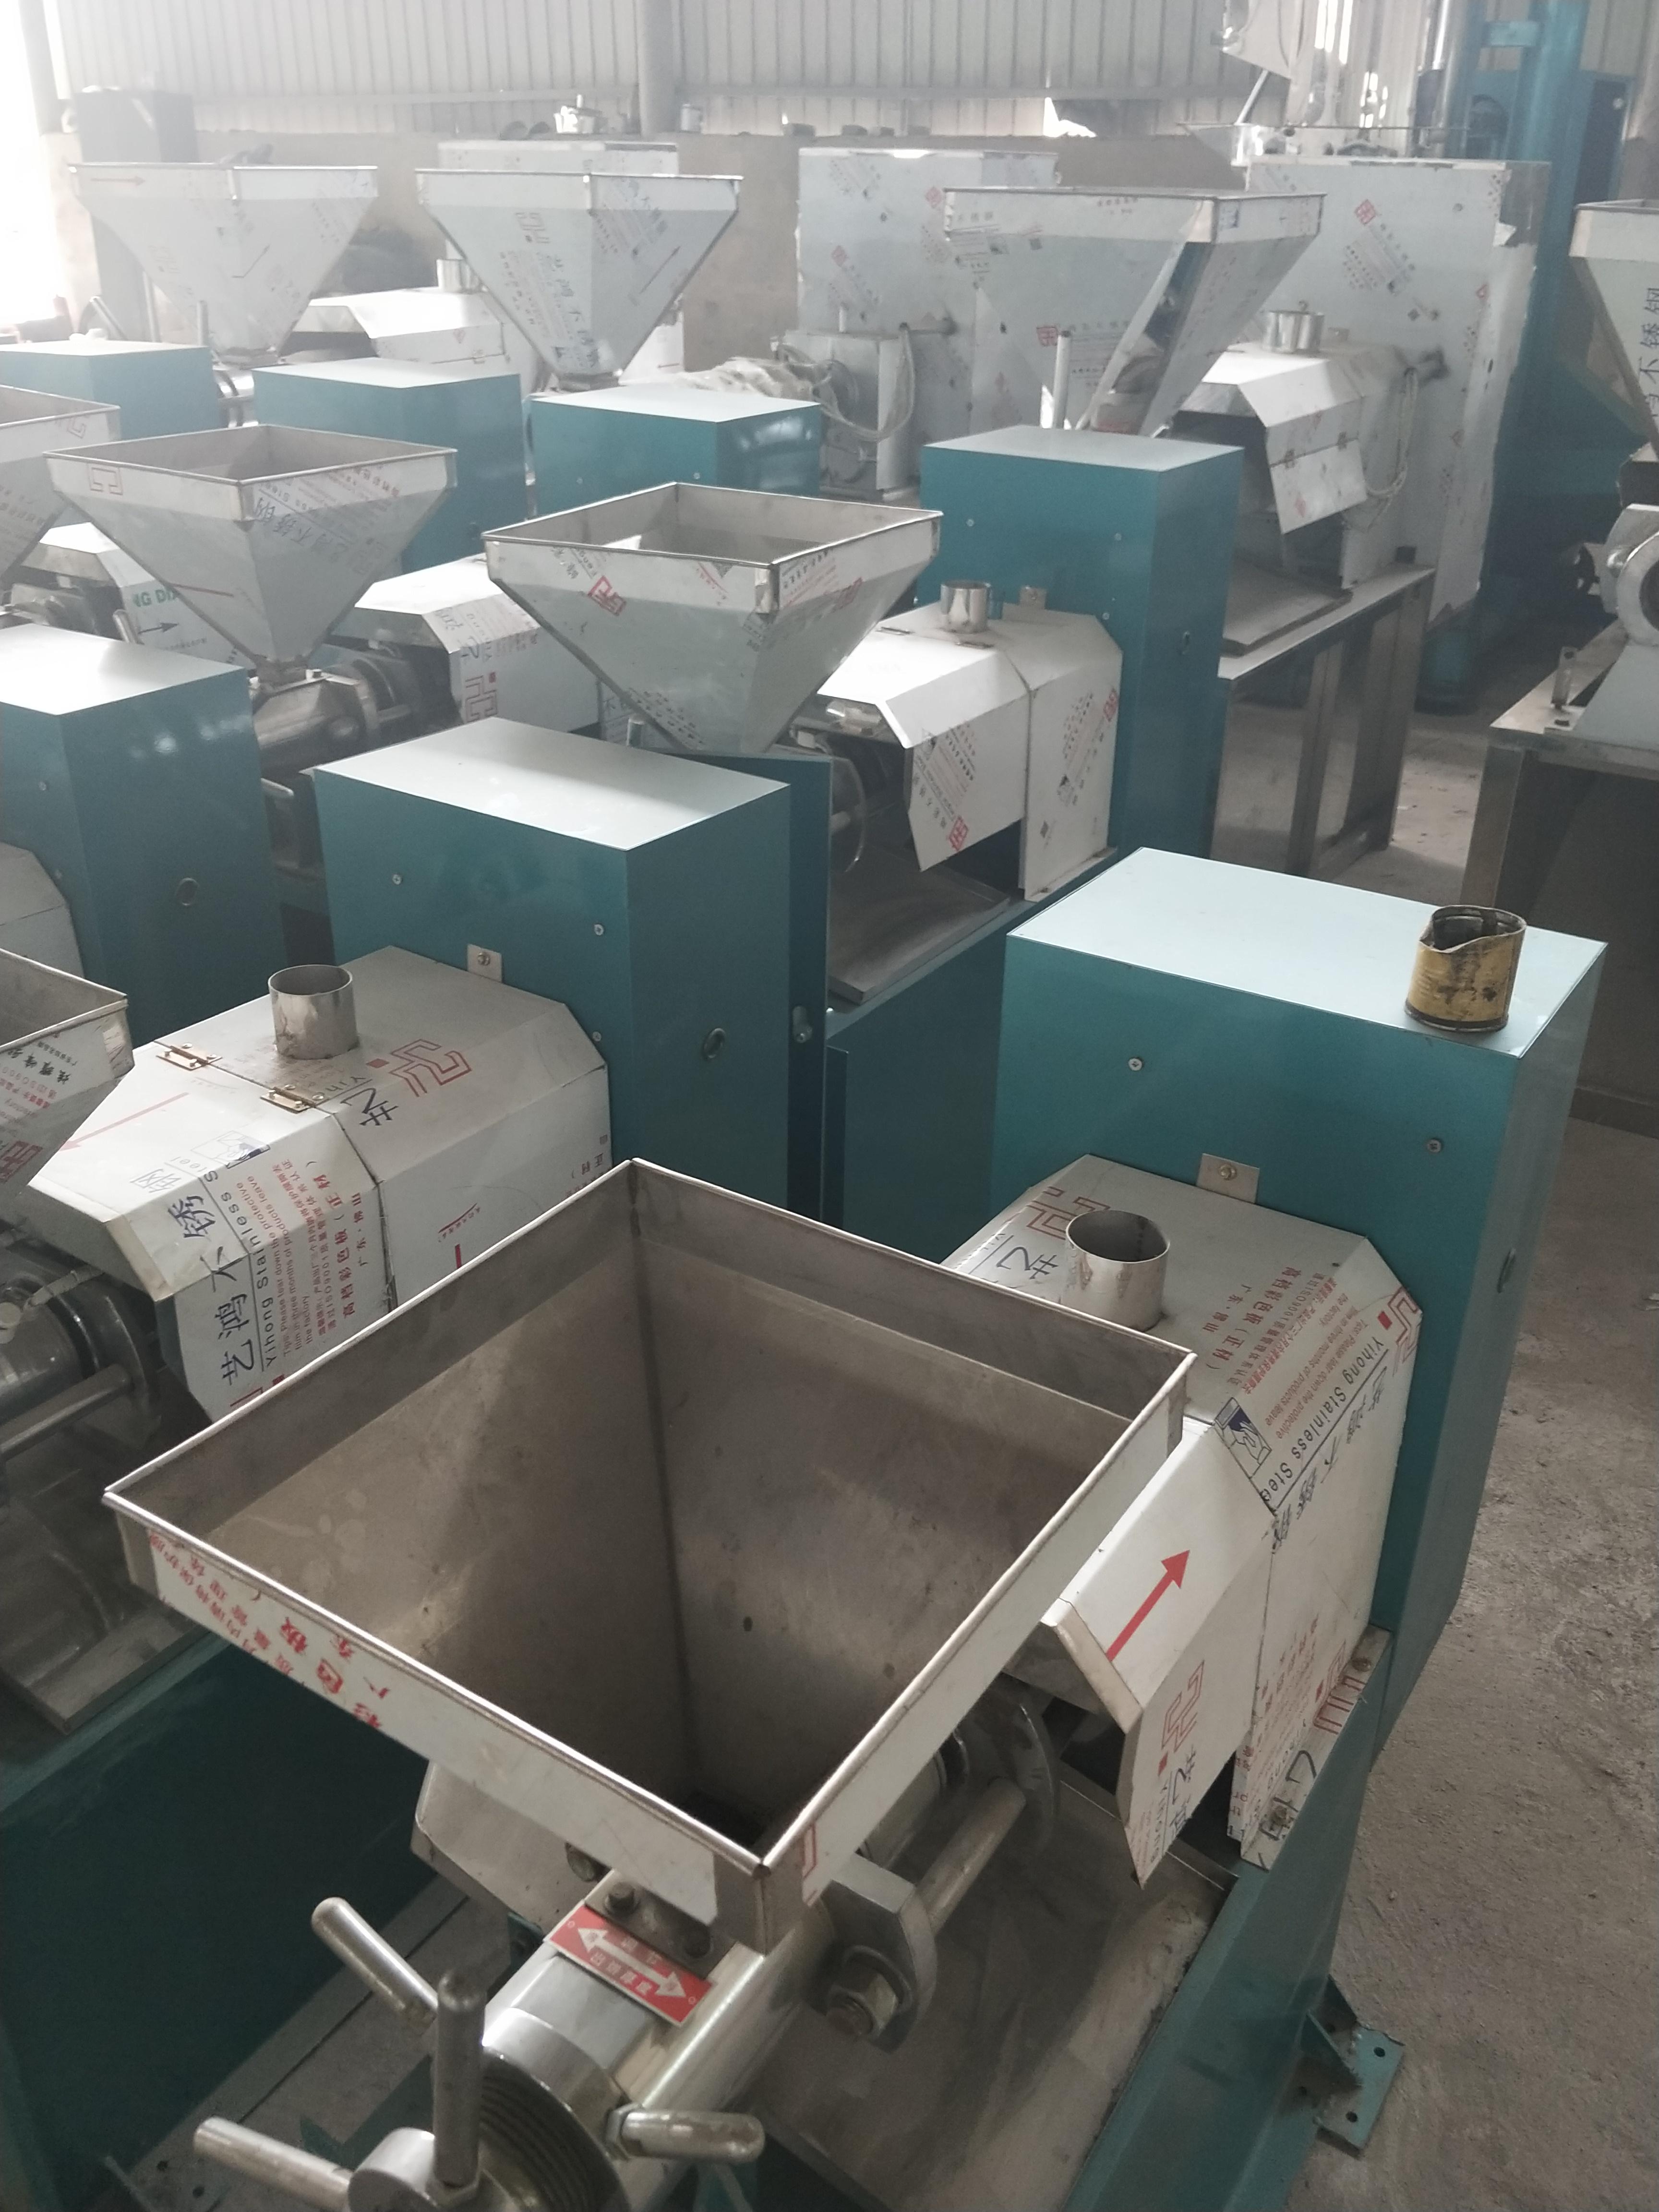 100型螺旋榨油机 100型螺旋榨油机定制 100型螺旋榨油机价格 植物榨油机定制